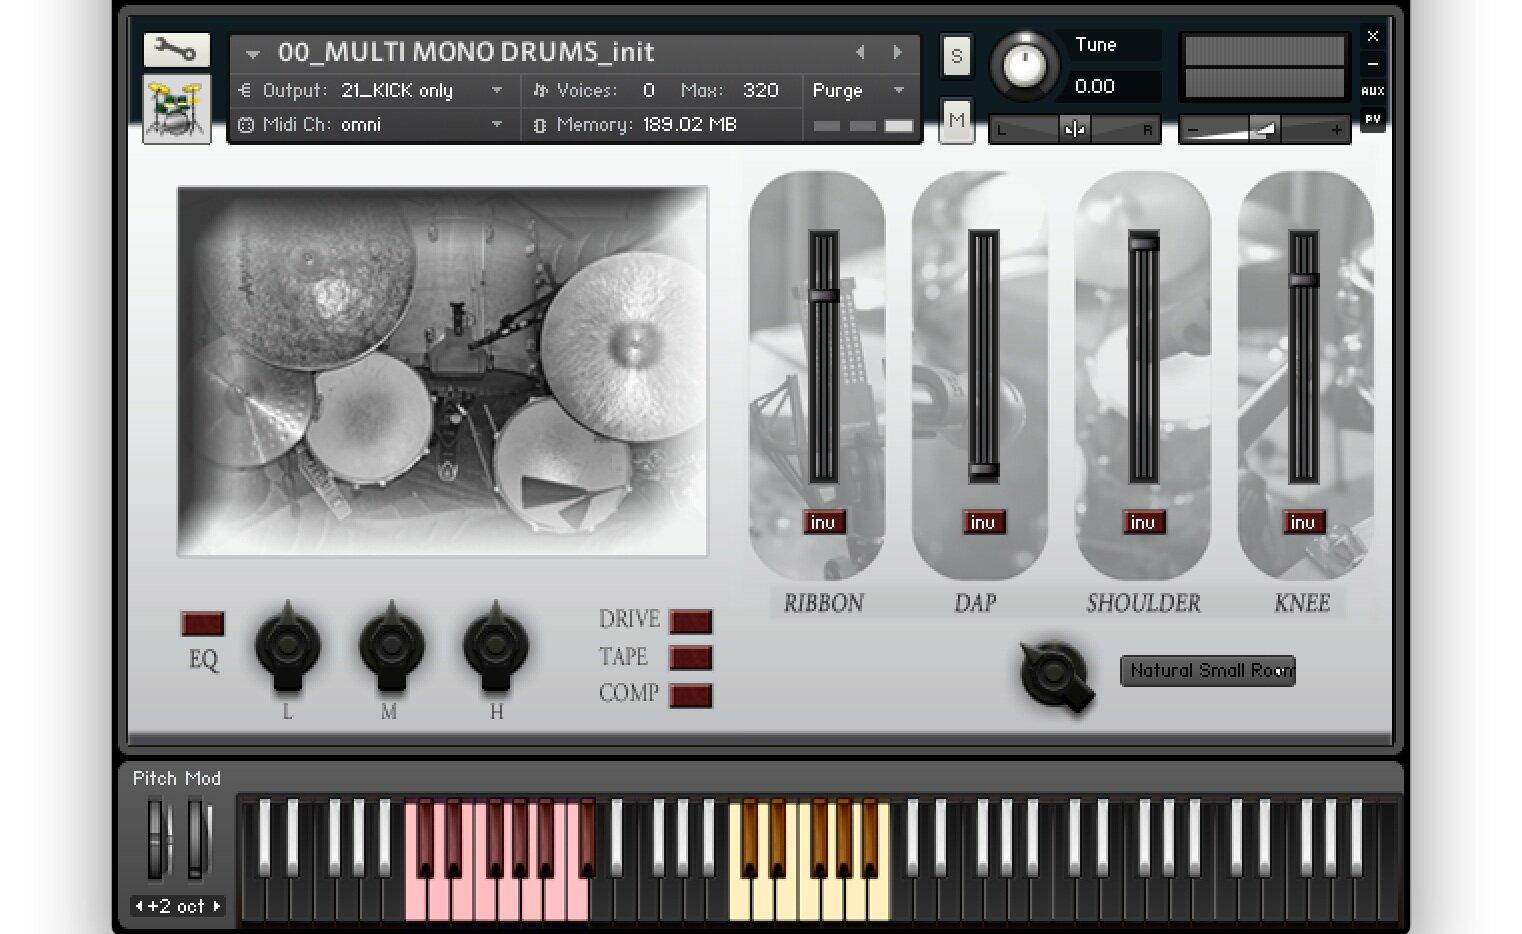 Multimono+Drums+GUI.jpg